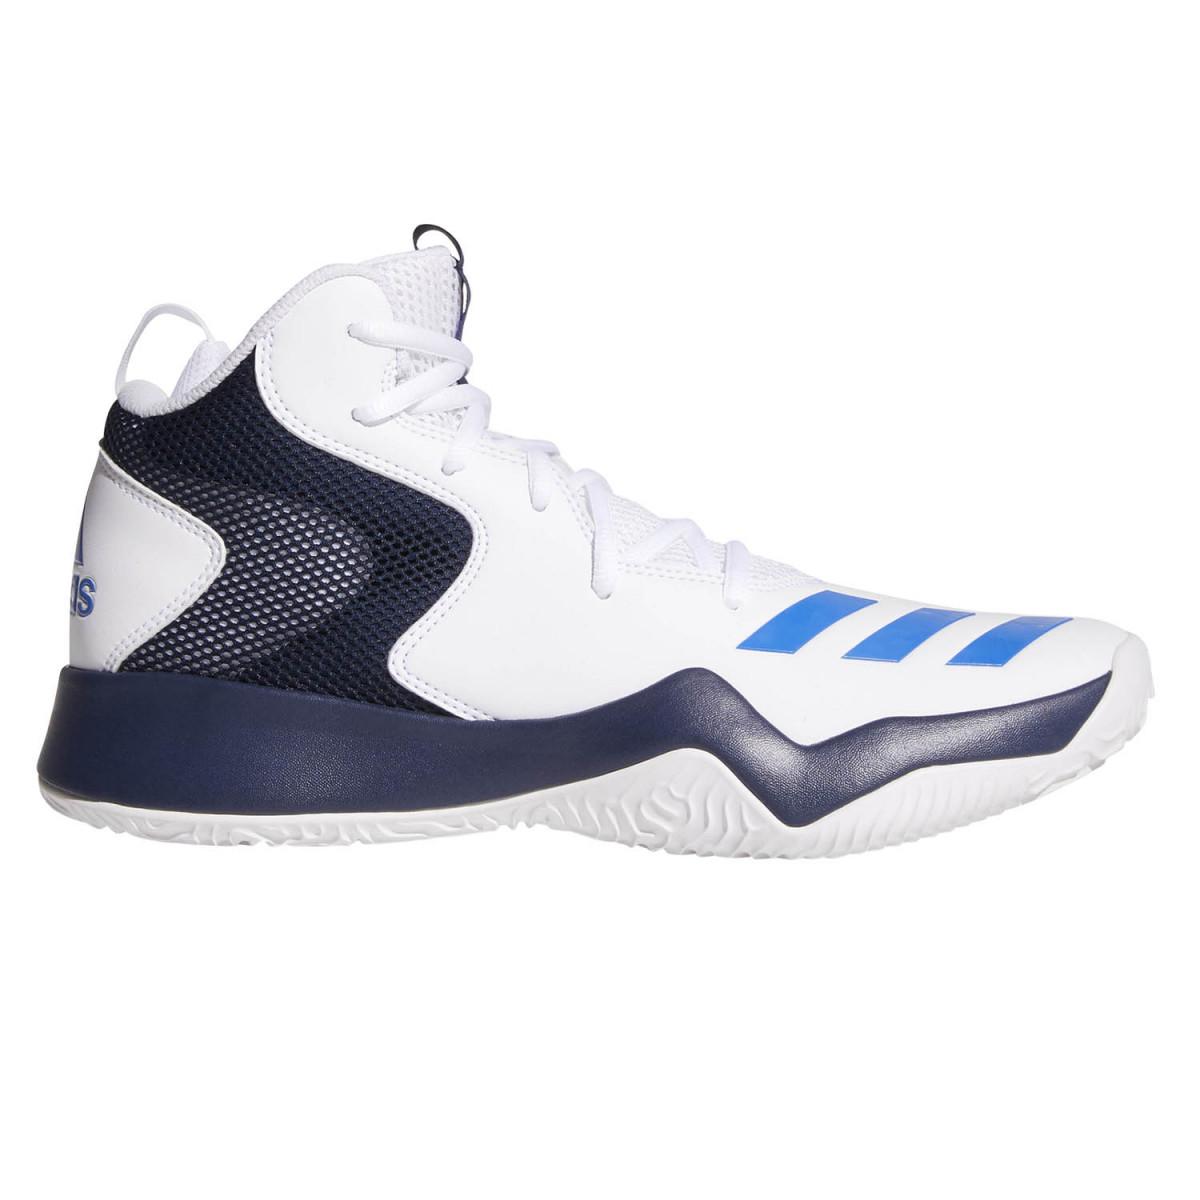 Zapatillas Adidas Crazy Team II